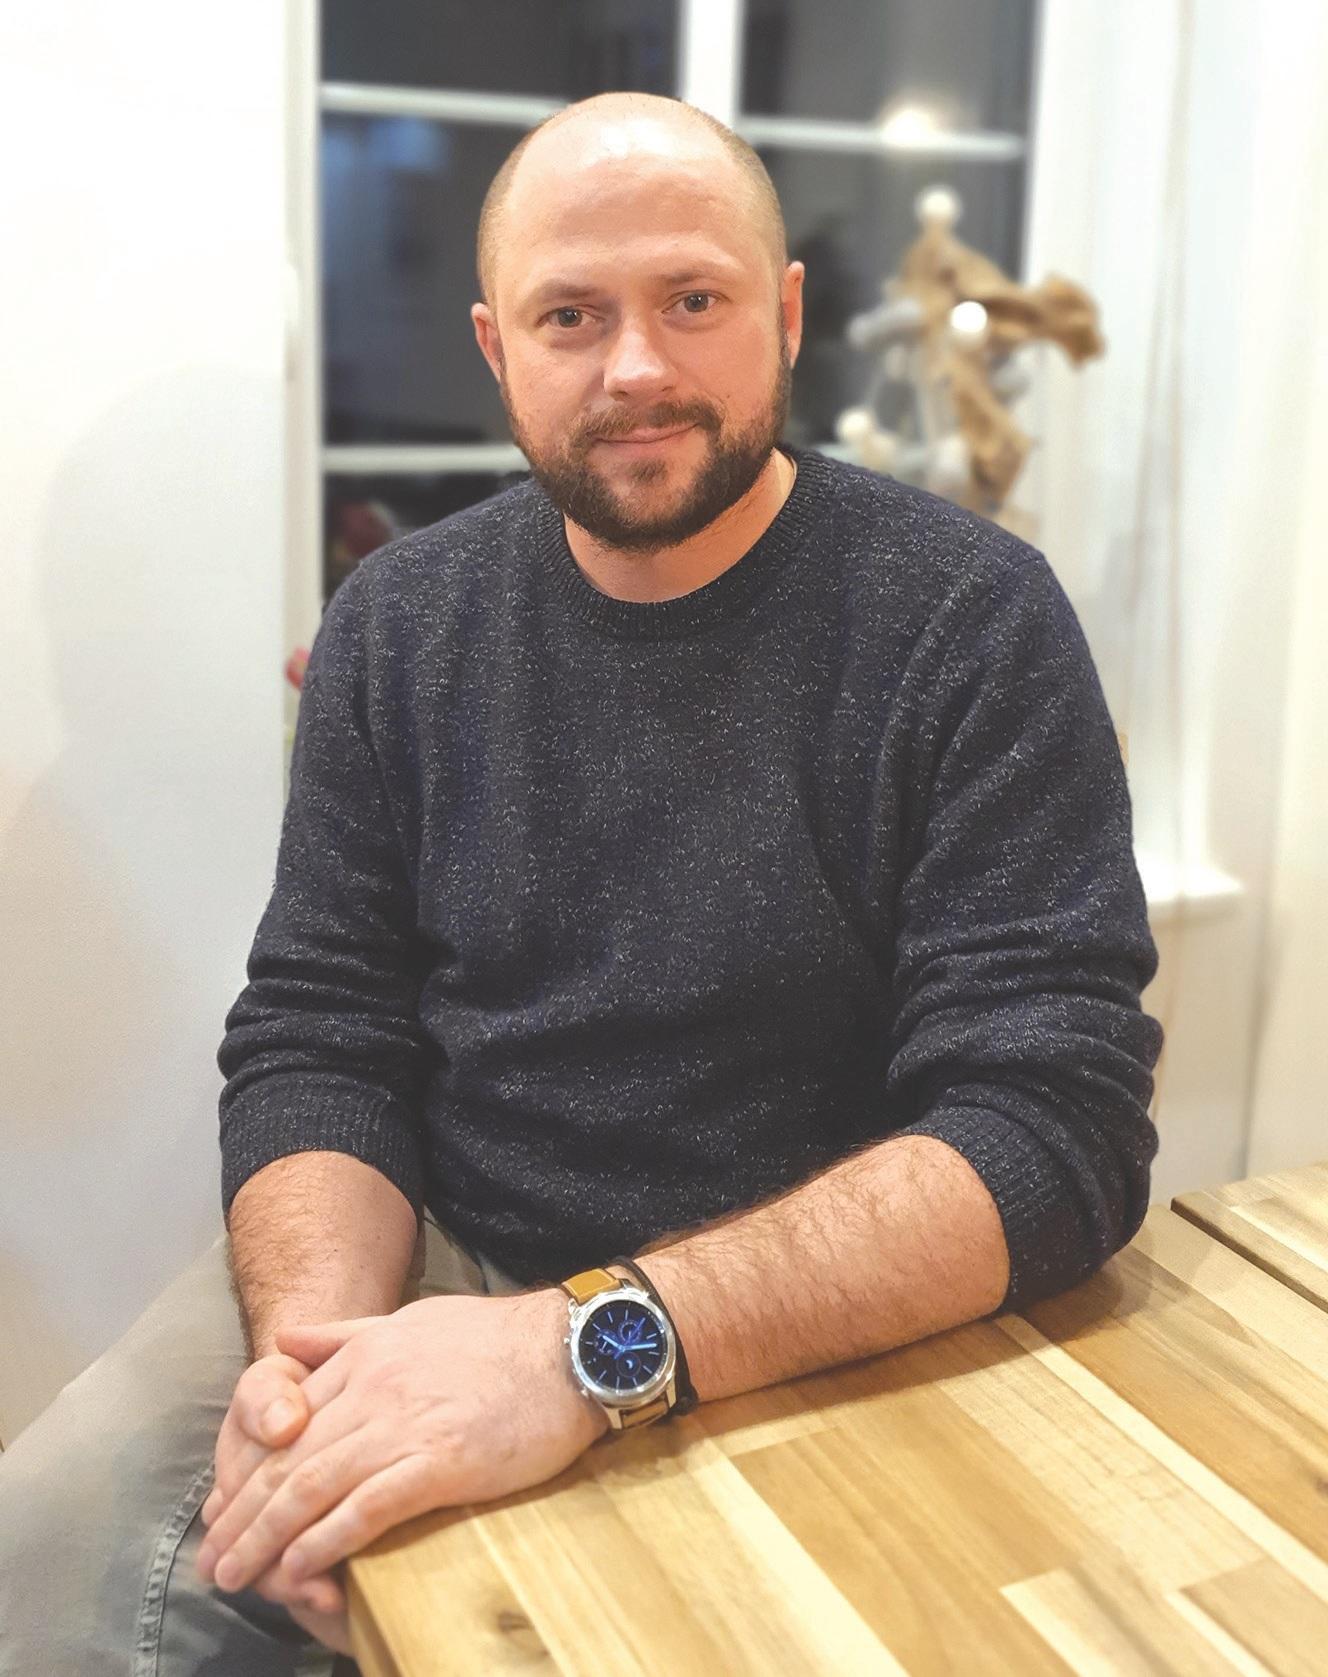 Pasak platformos www.craftson.lt ir www.kaziukomuge. lt vadovo Renaldo Gražio, šiais metais džiugina tai, kad virtuali mugės idėja sujungia kartas.